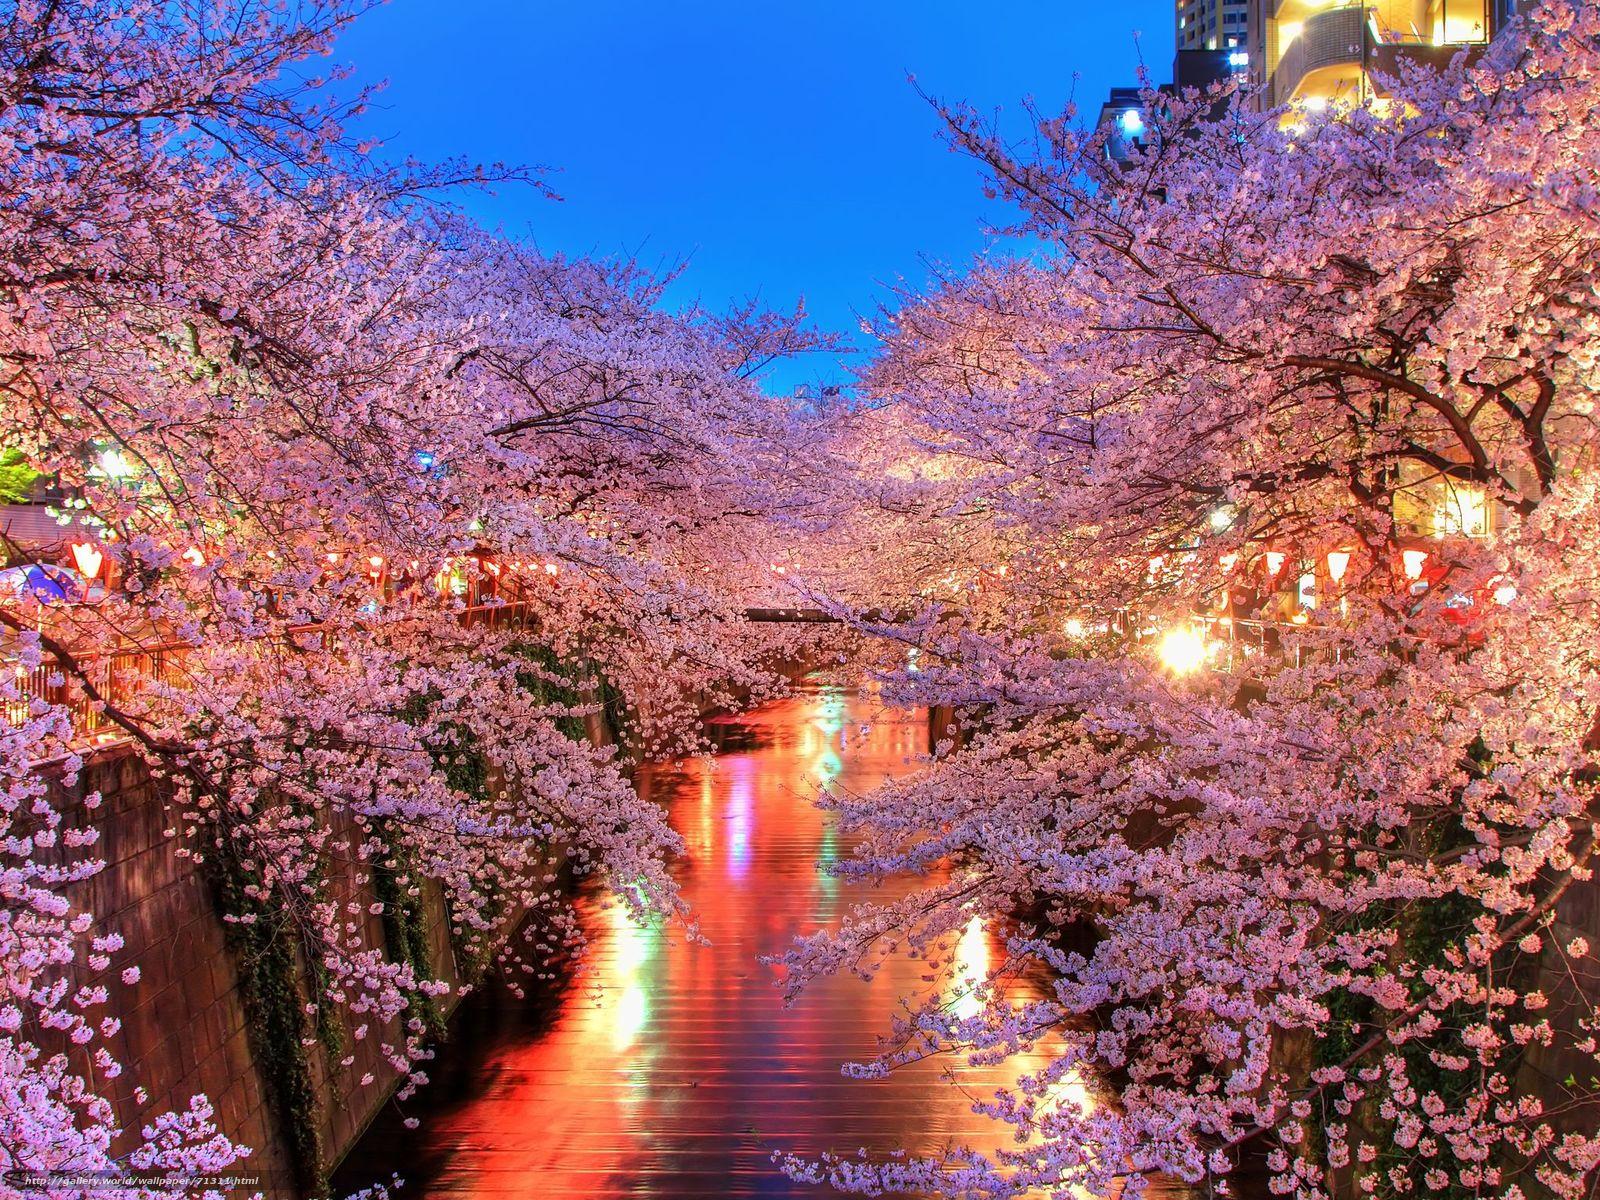 壁紙をダウンロード チャンネル 桜 点灯 デスクトップの解像度のための無料壁紙 48x1536 絵